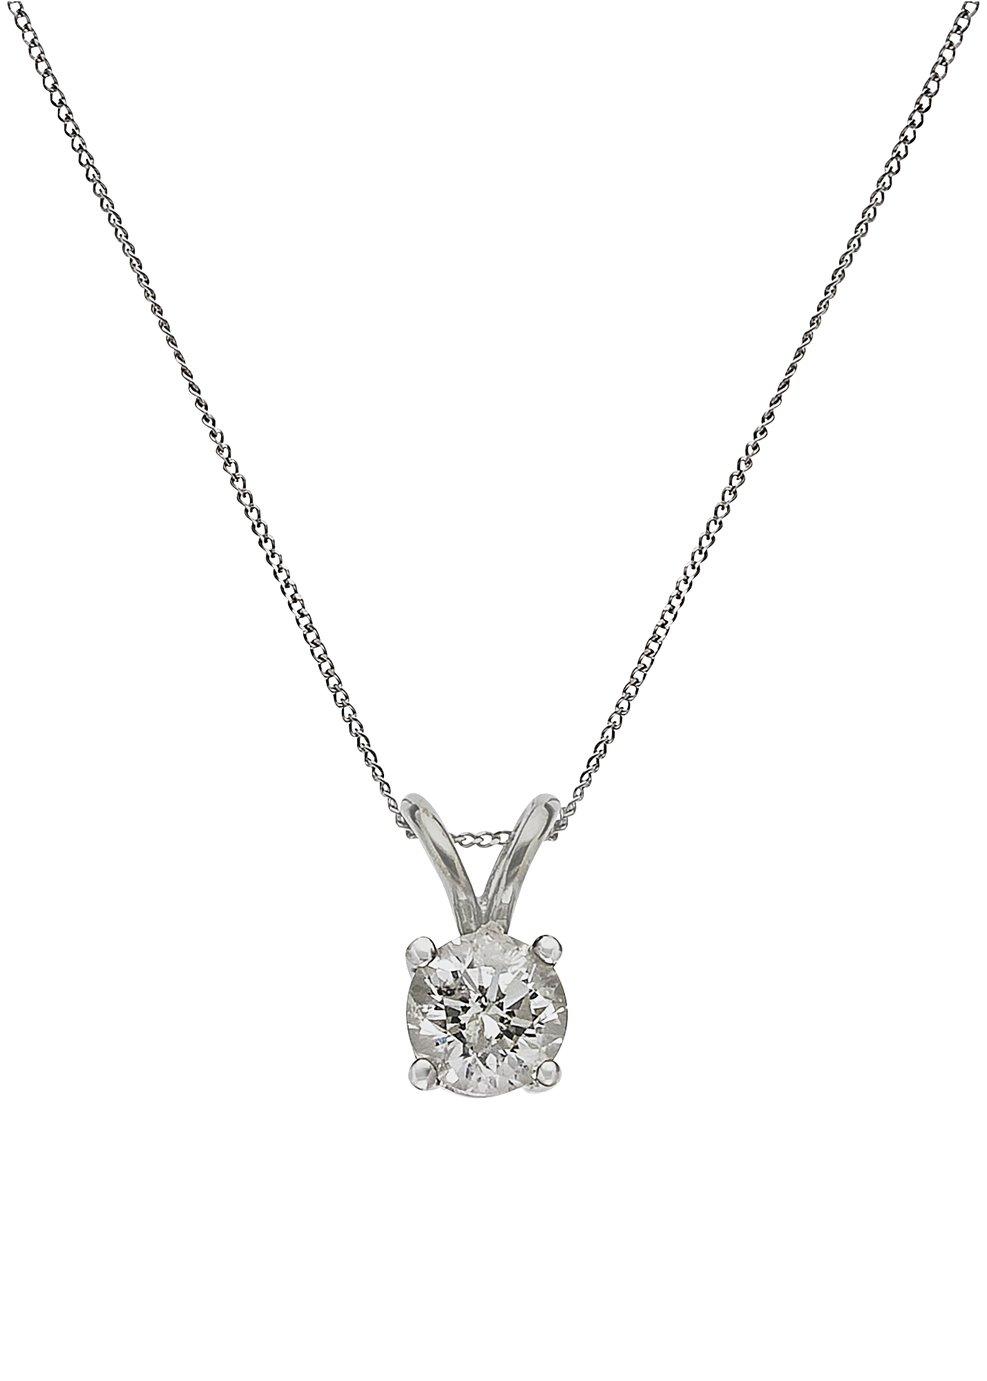 Revere 9ct White Gold Diamond Pendant 18 Inch Necklace